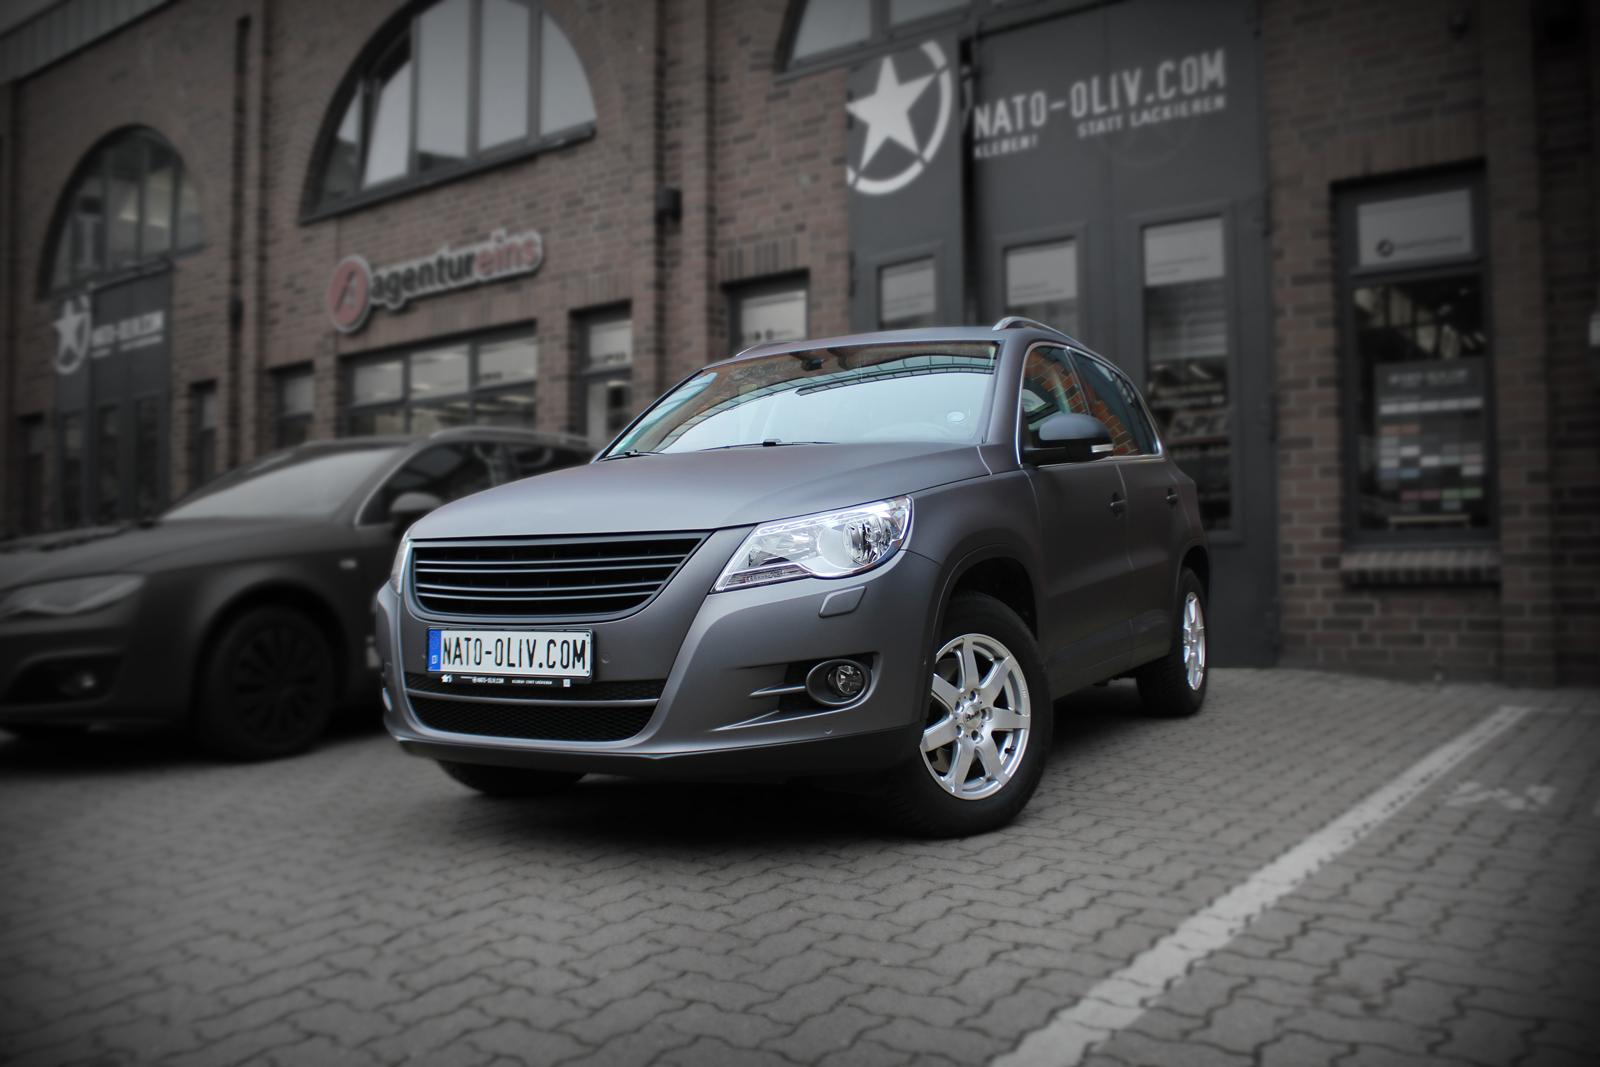 VW Tiguan foliert in anthrazit matt metallic mit zusätzlich folierten Spiegeln in Carbon.